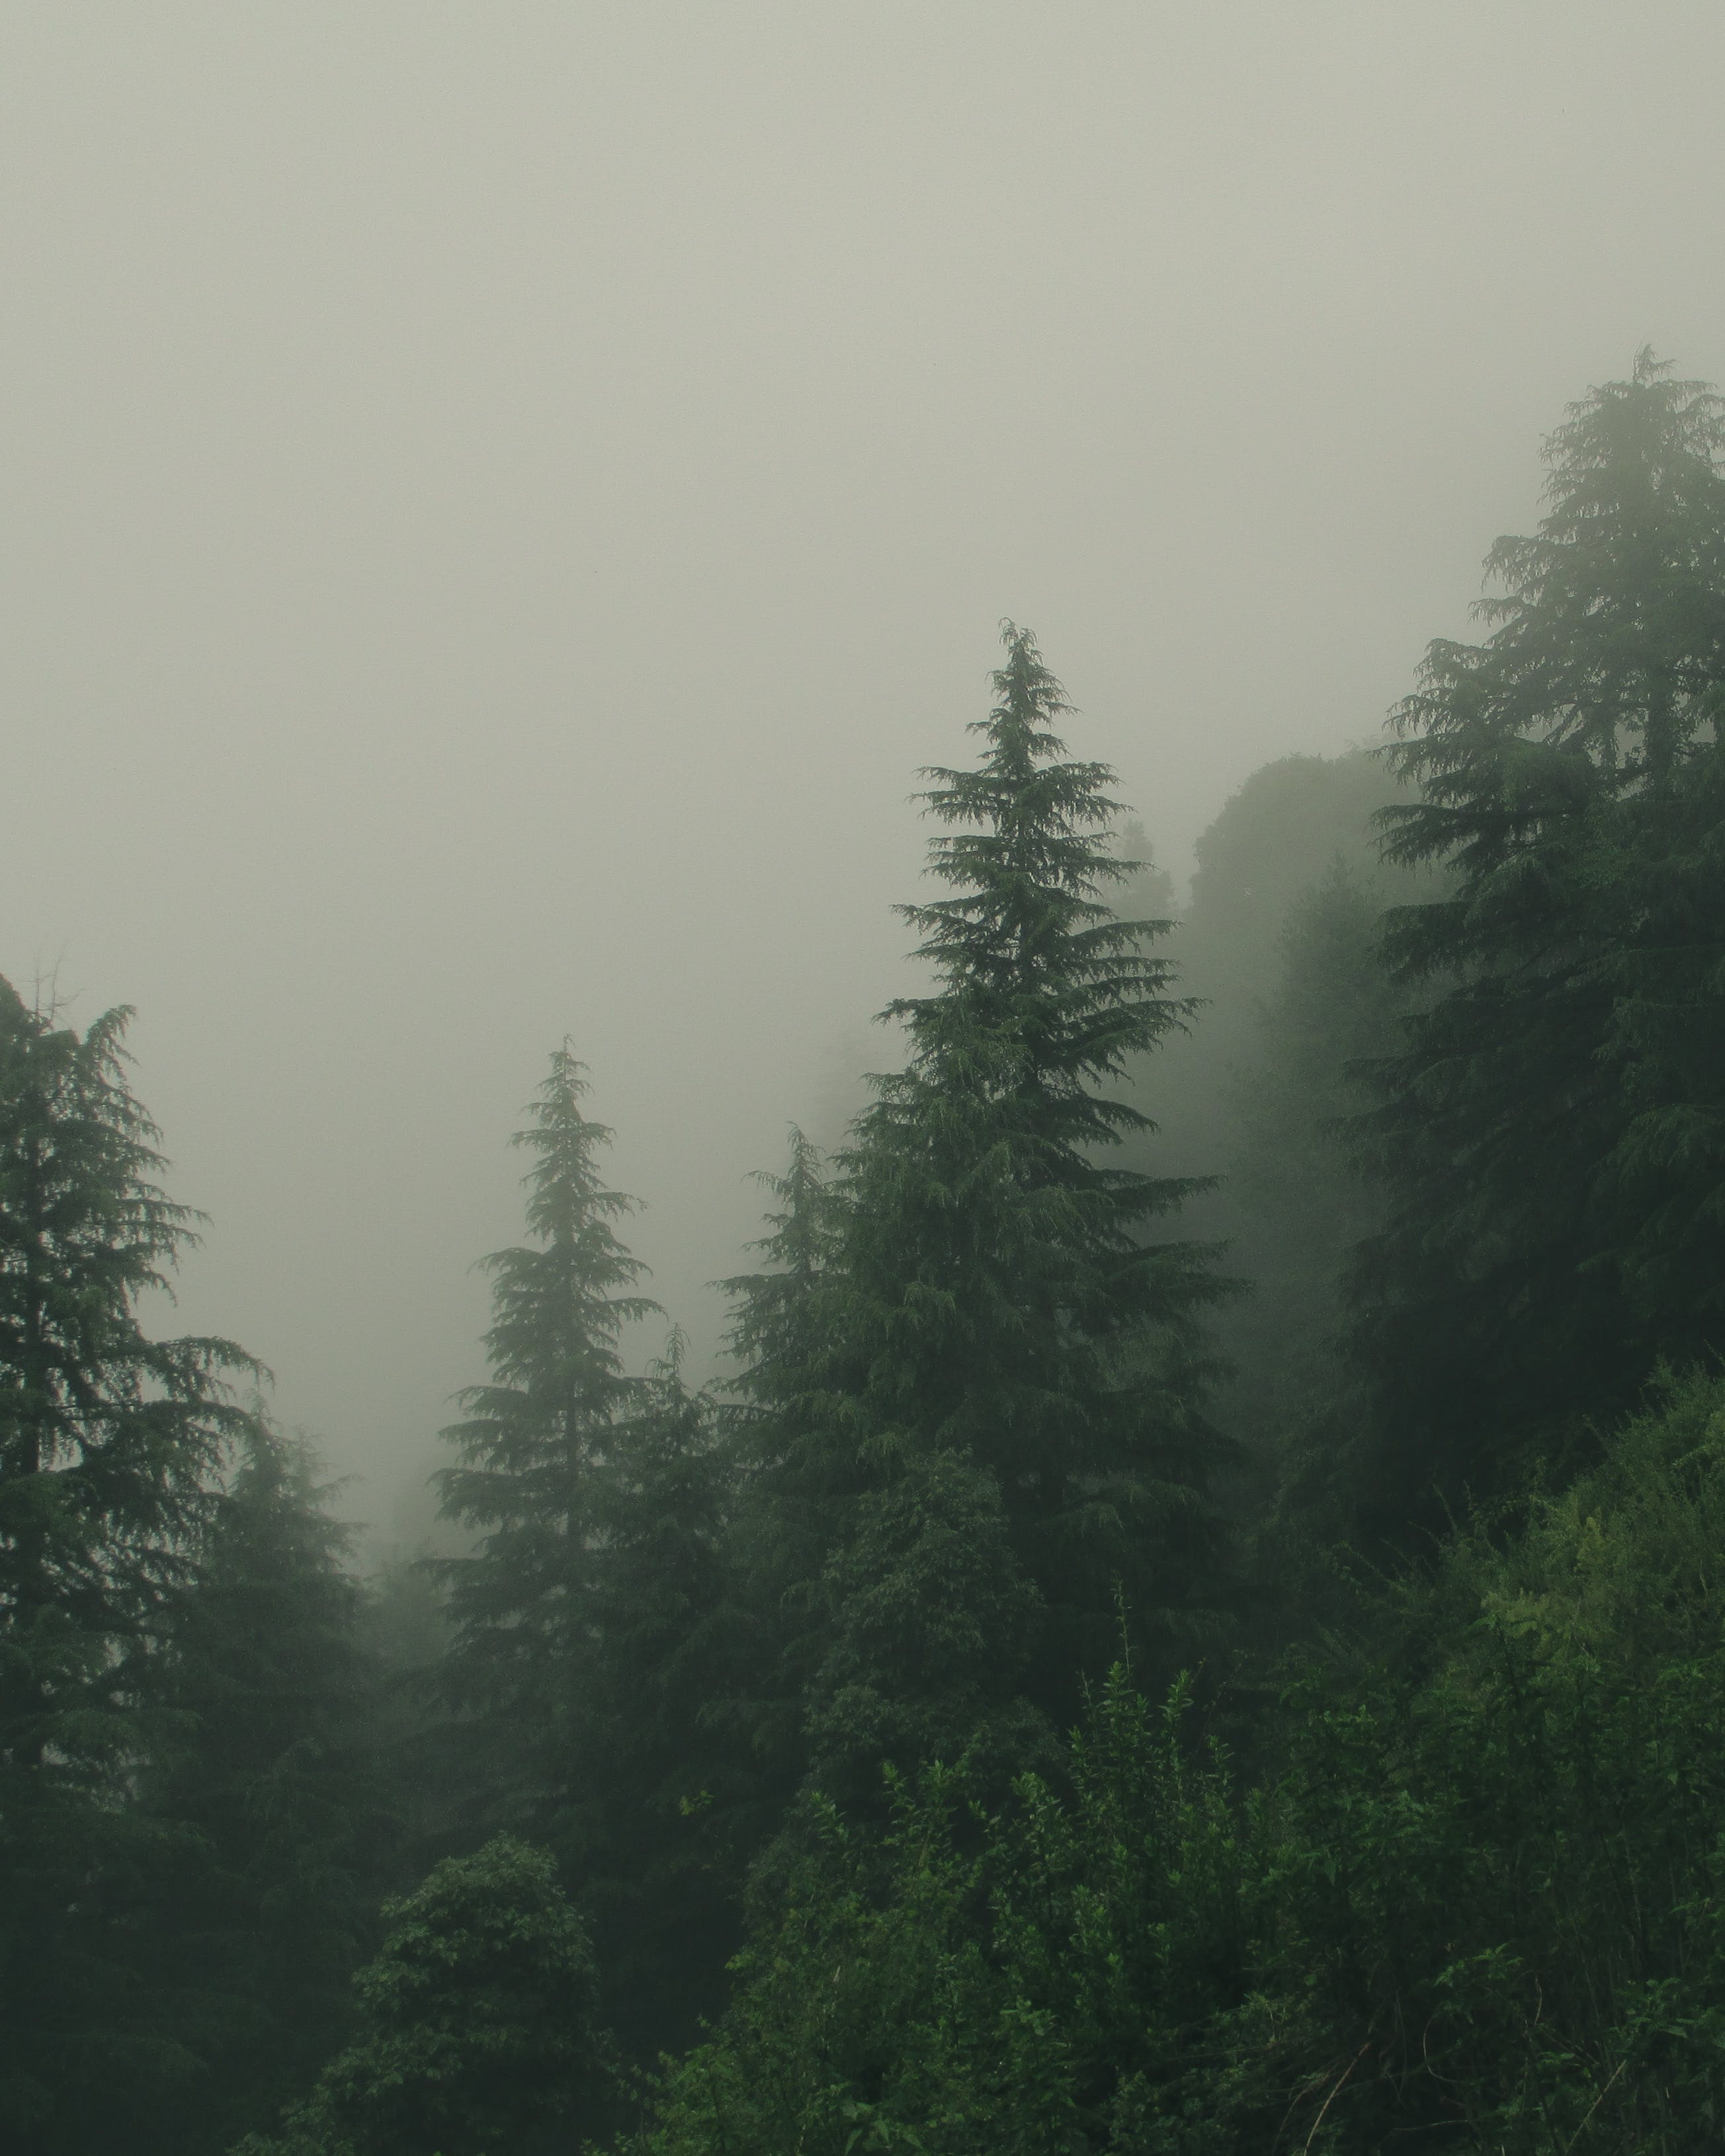 Fotos de stock gratuitas de arboles, bosque, con niebla, escénico